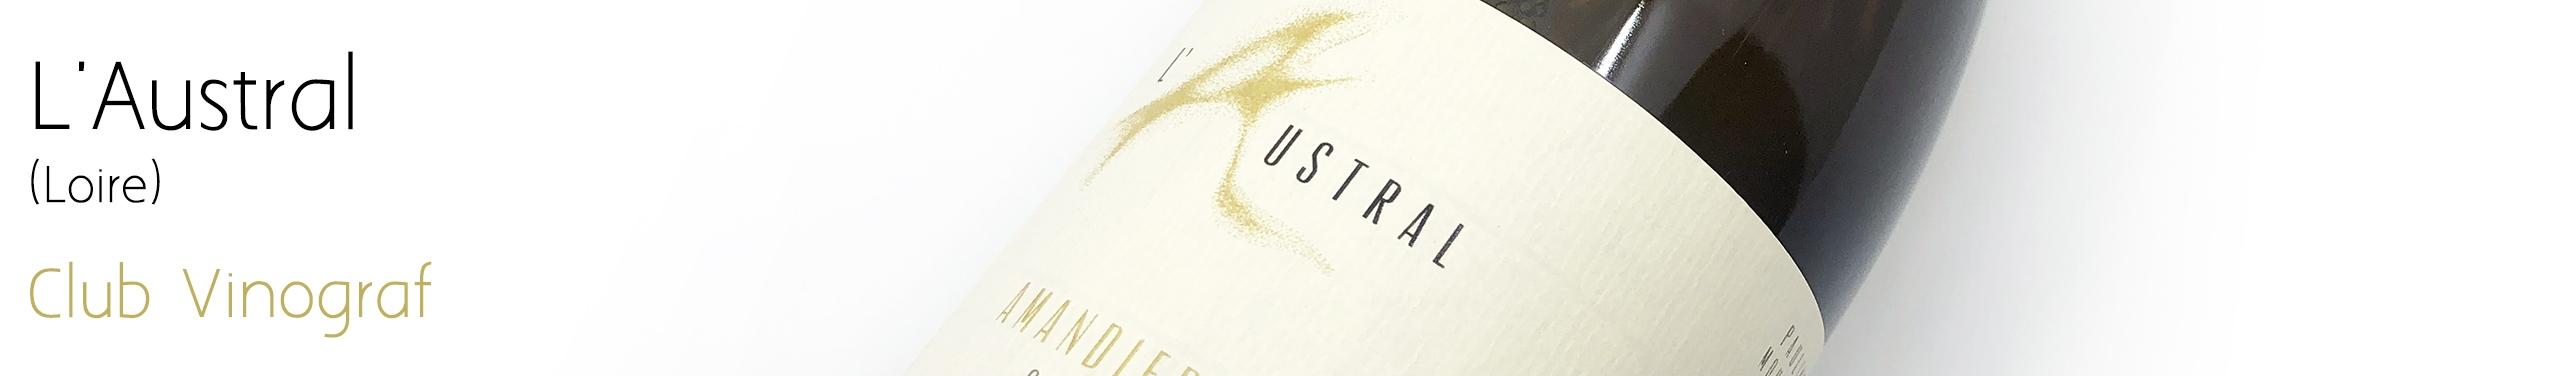 Club Vinograf : L'Austral